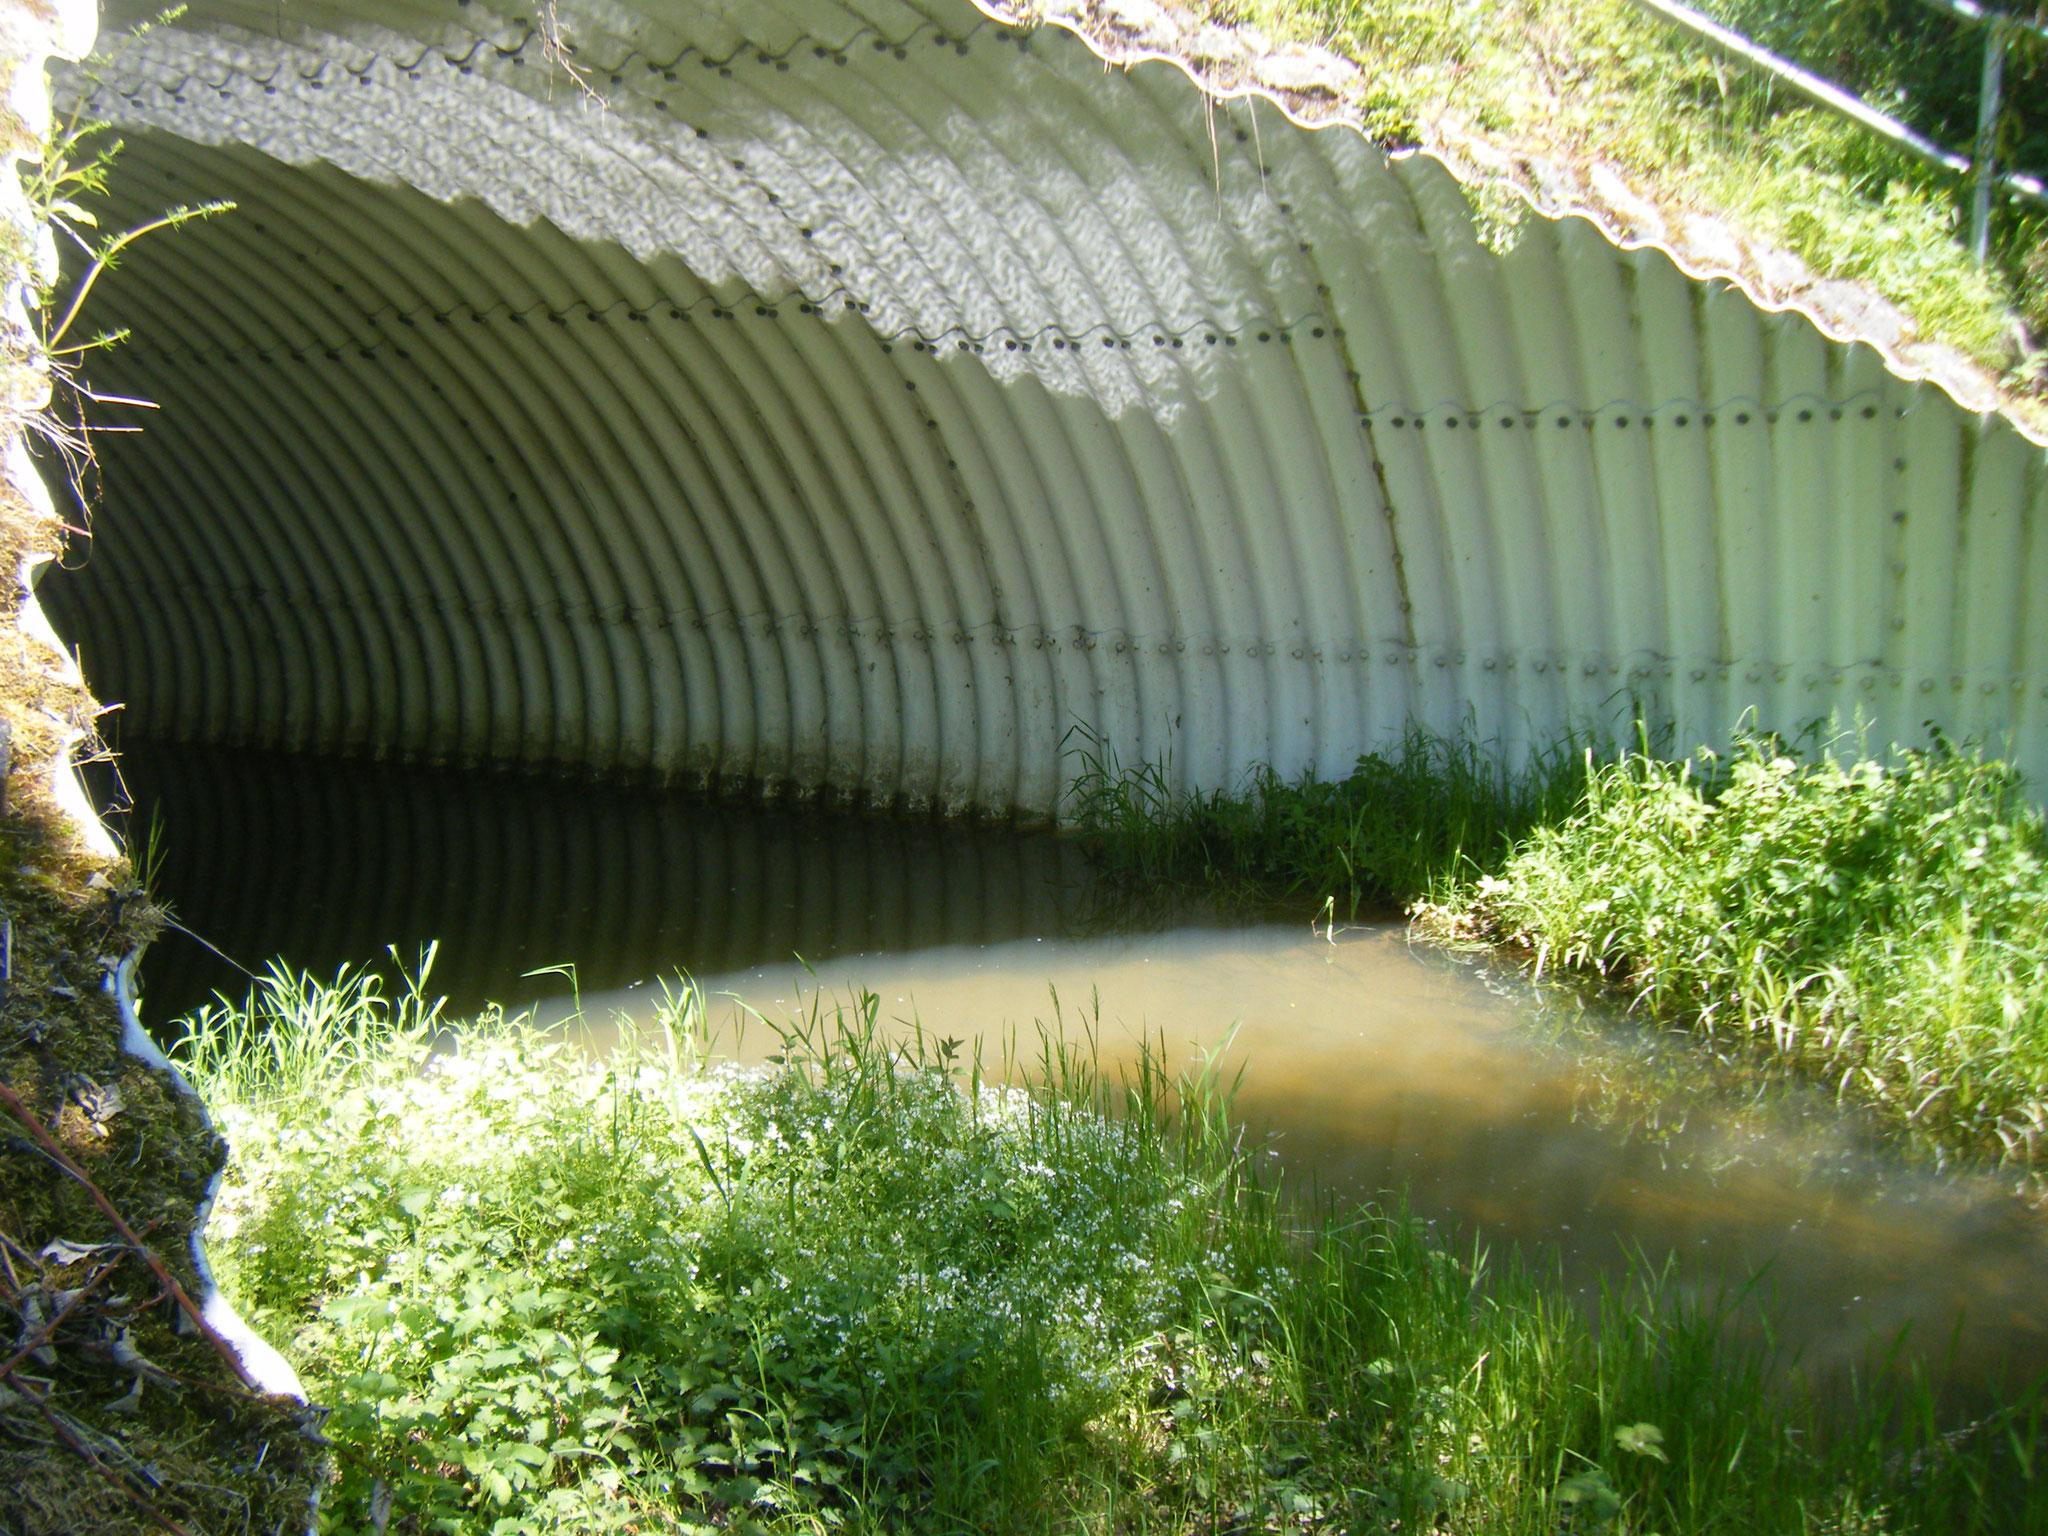 Der Tunnel des Allmannsweiler Baches unter der B 31, der Wasserstand ist hoch wegen der Biberdämme, aber das ist gut so, hier explodiert die Artenvielfalt